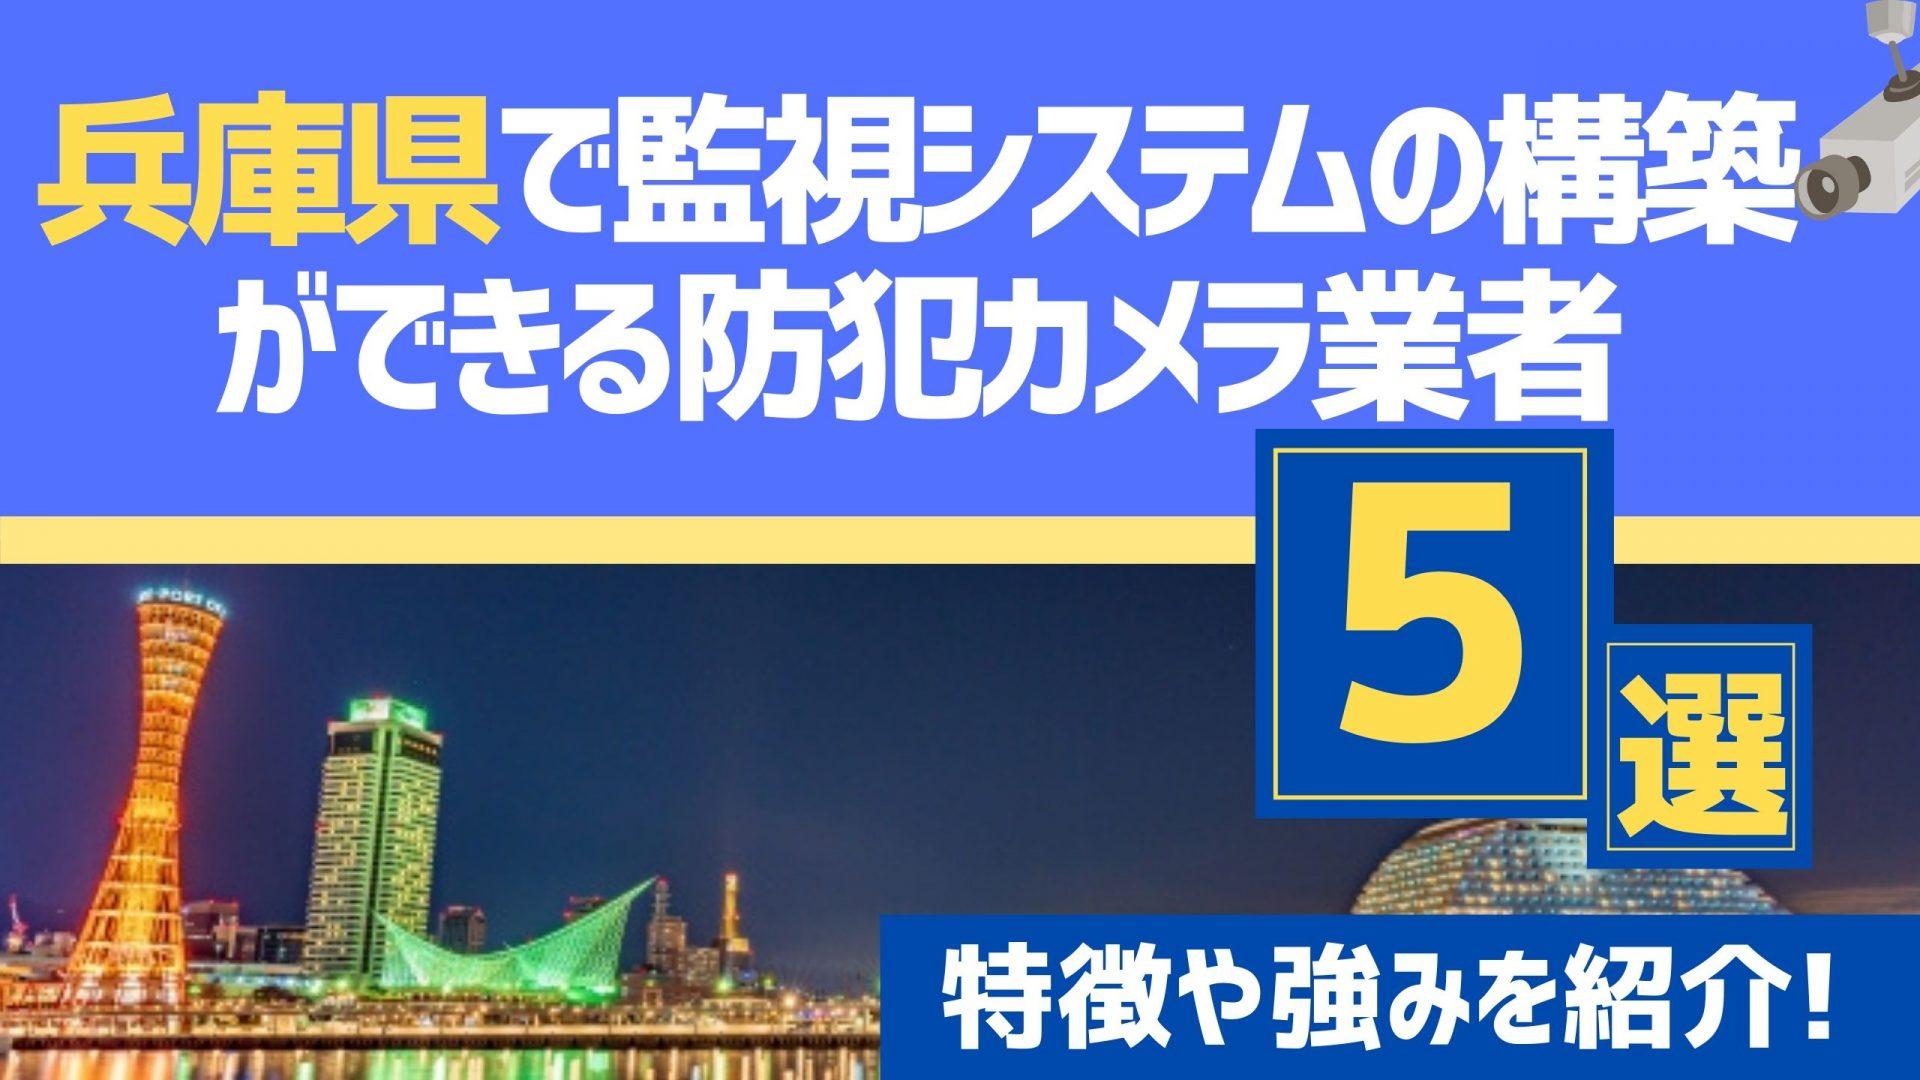 4e1c7ab50655909fb3089575818940b3 - 兵庫県で監視システム構築に強い防犯カメラ業者5選!サービスも紹介